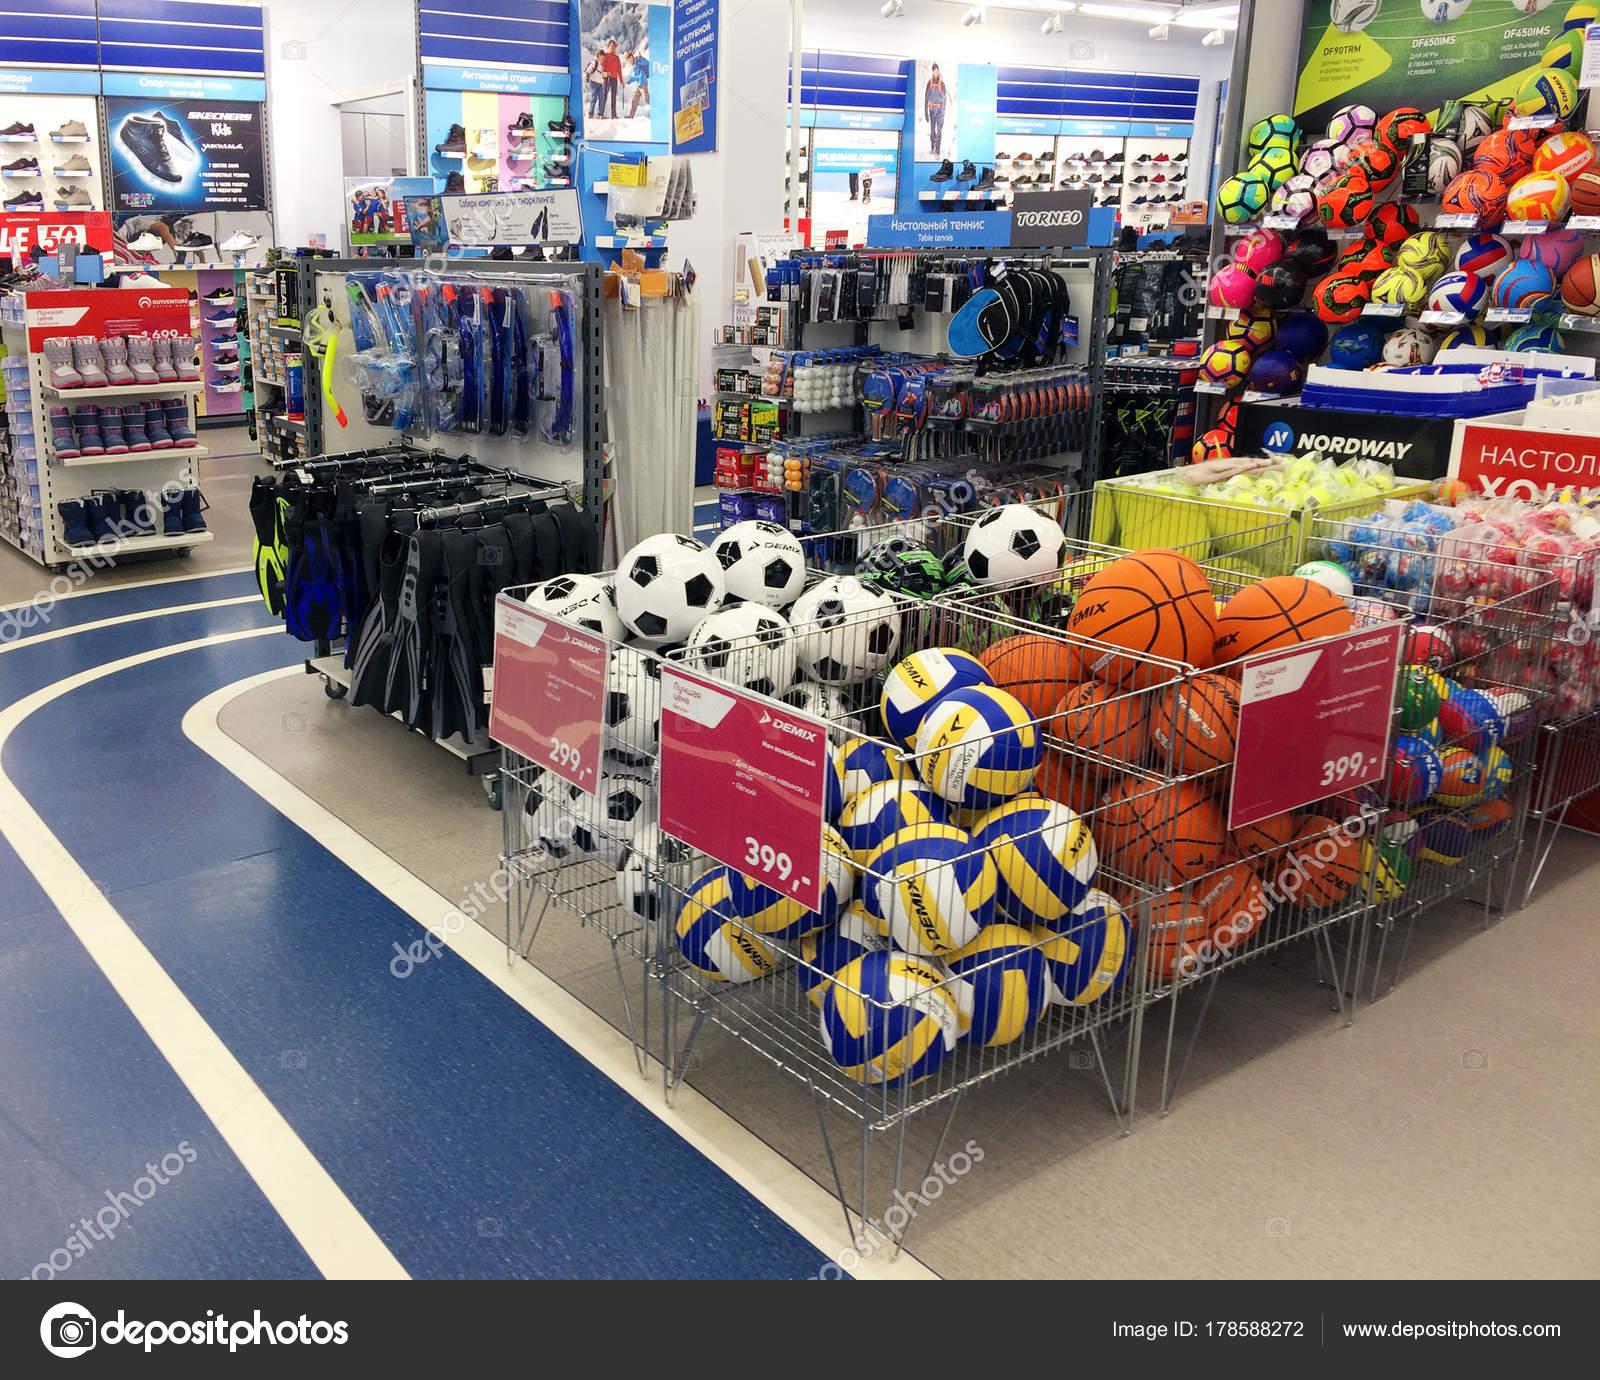 25 декабря 2017 года, Россия, Рыбинск. Магазин спортивных товаров. Мячи для  игры в футбол, баскетбол, волейбол, стойки обуви и спортивные сооружения —  Фото ... d4ad149505d